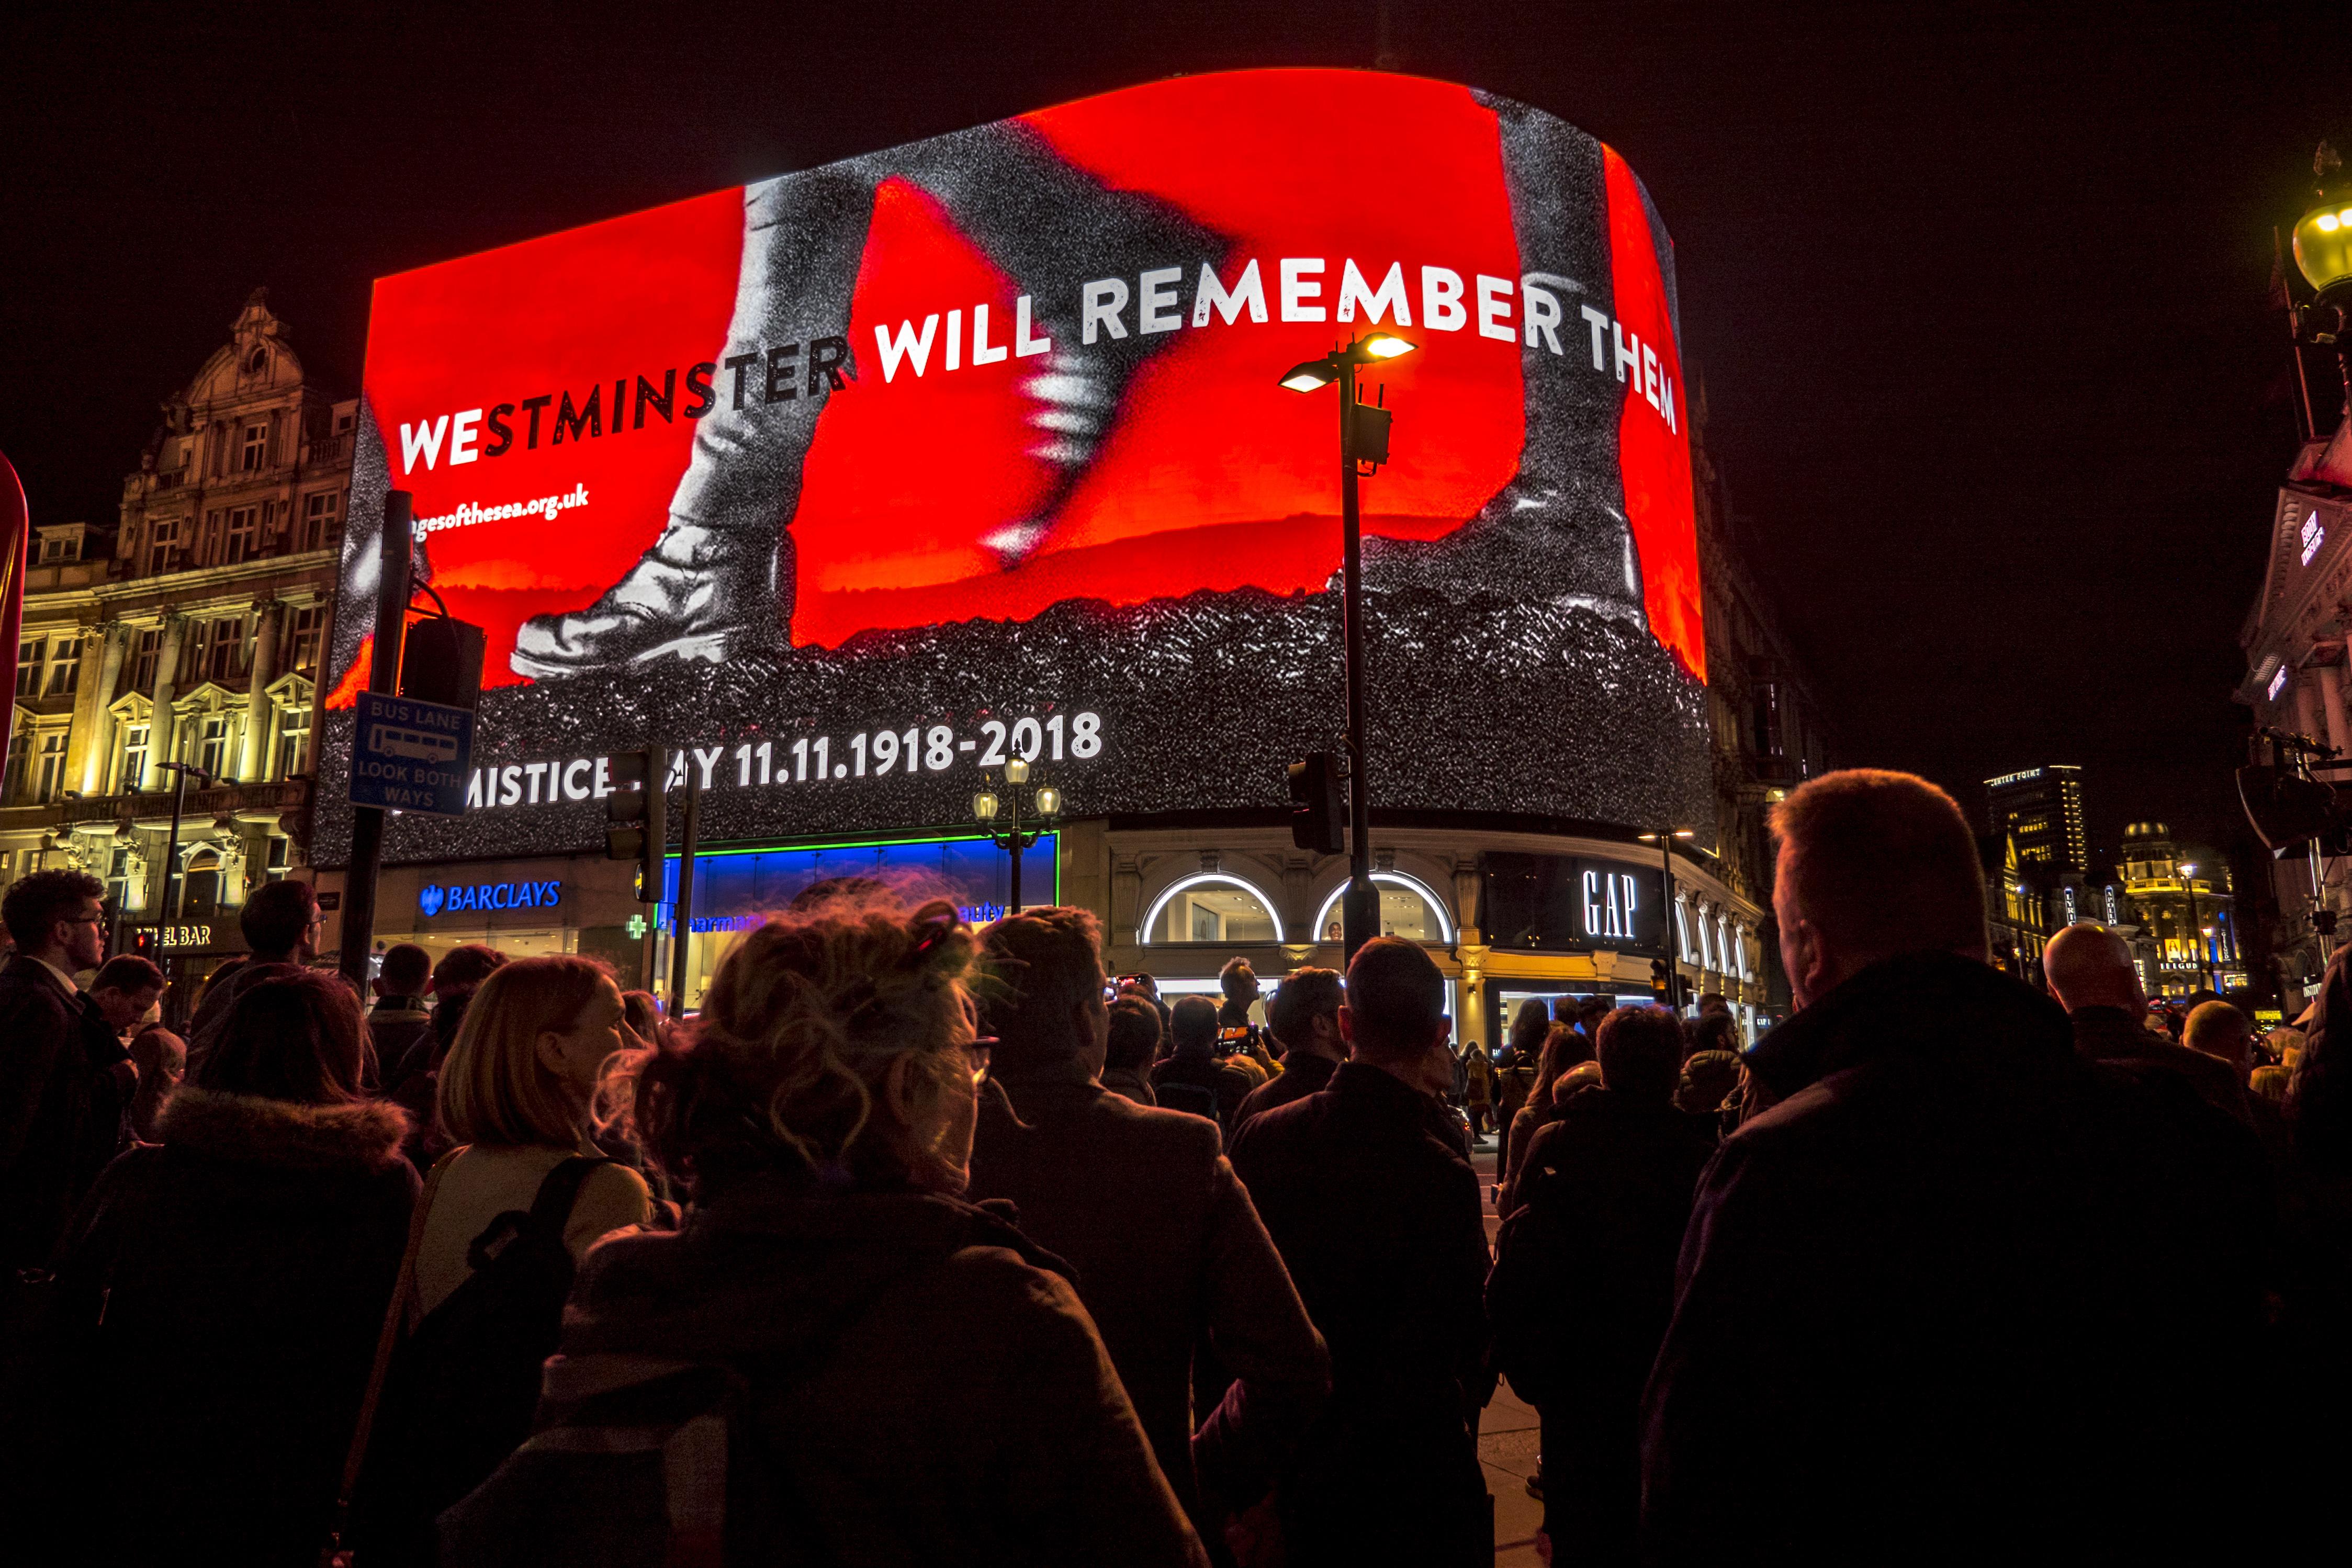 Armistice Centenary Commemorative screening